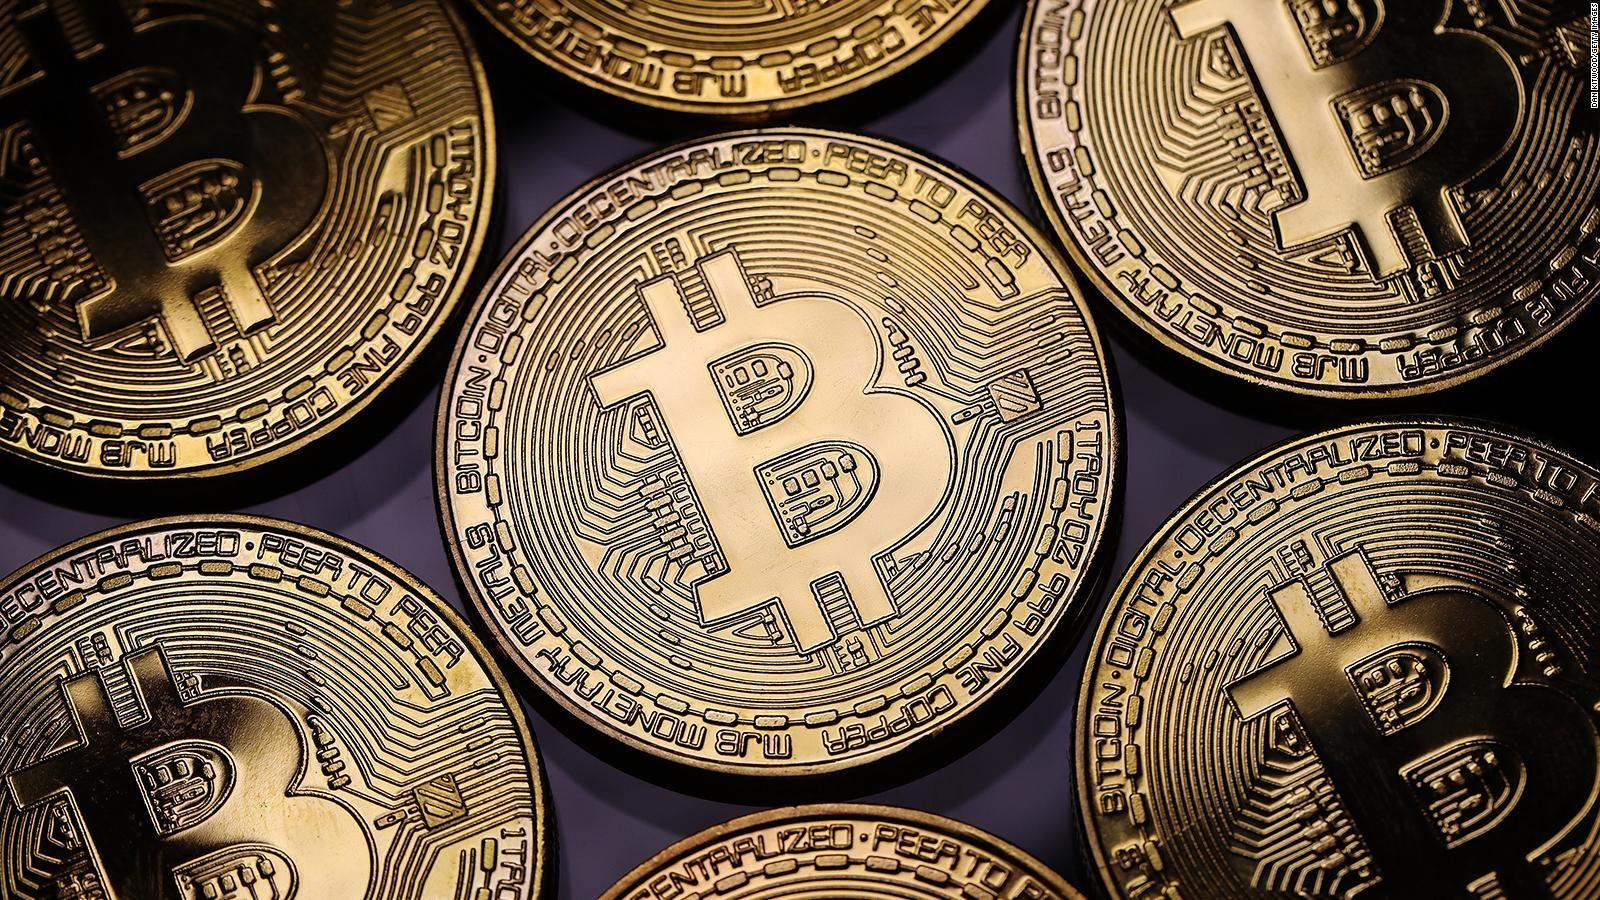 El Salvador la adoptó como moneda al bitcoin y se desplomó